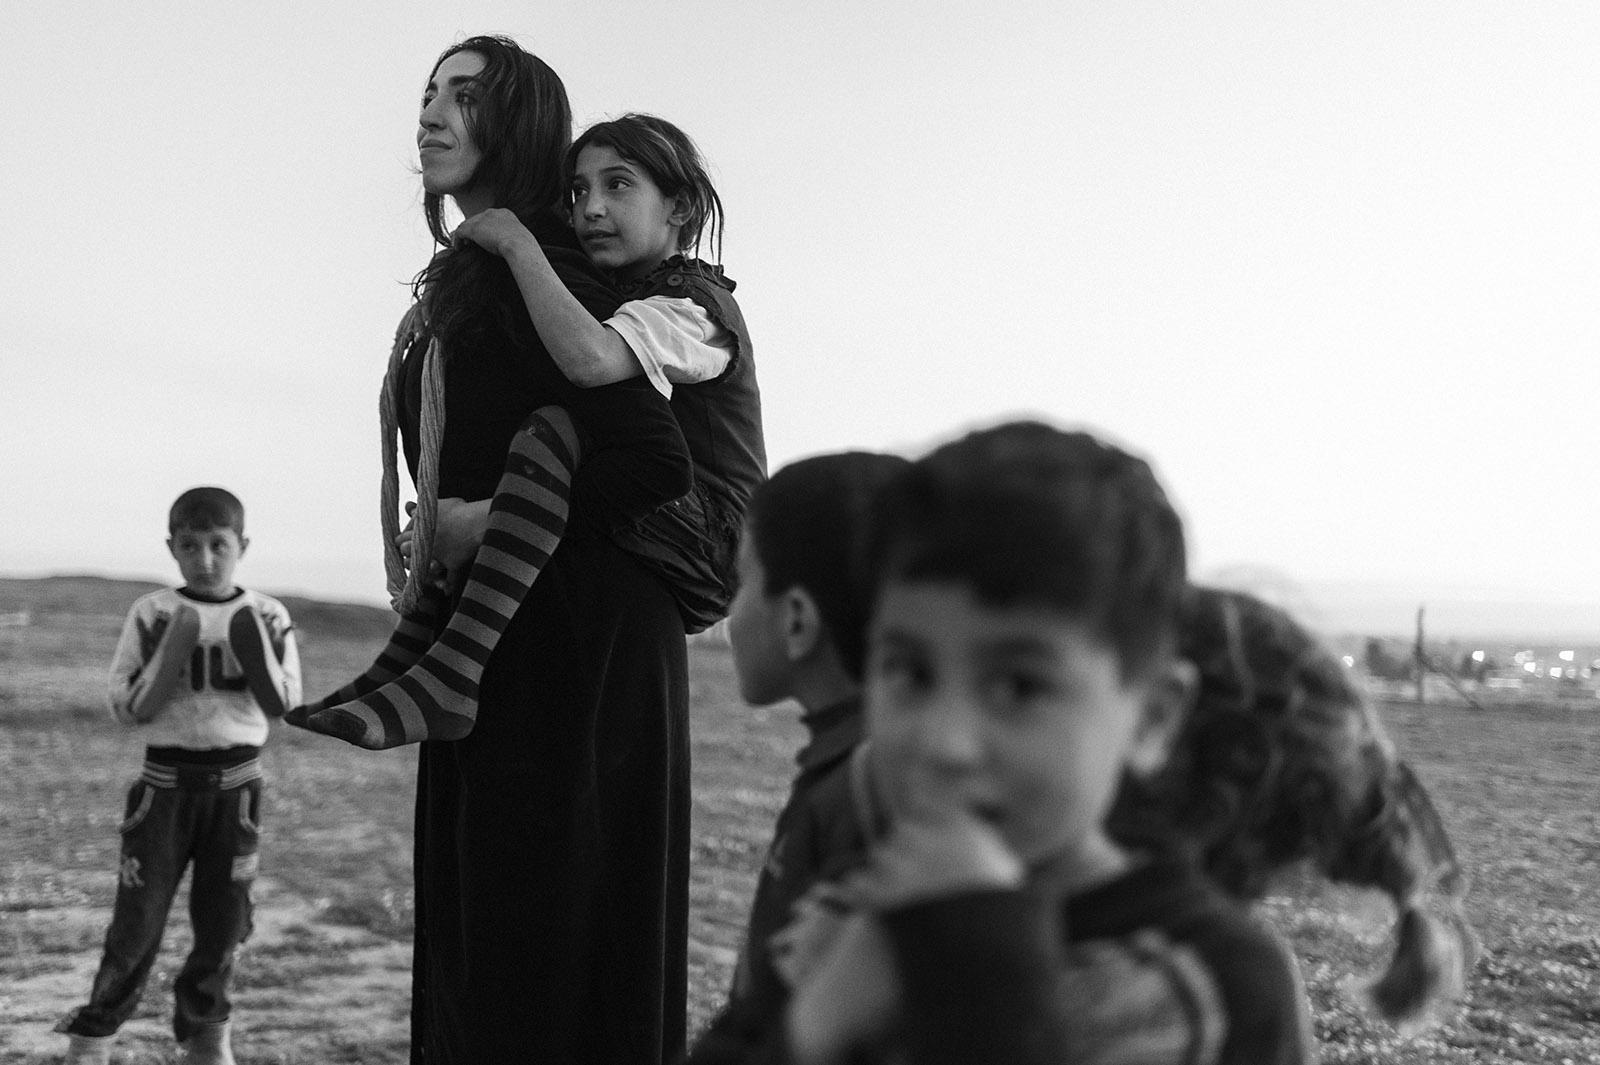 Proben und Filmaufnahmen zu Orestes in Mossul. Susana Abdulmajid mit irakischen Kindern beim Dreh. Mossul, Irak.